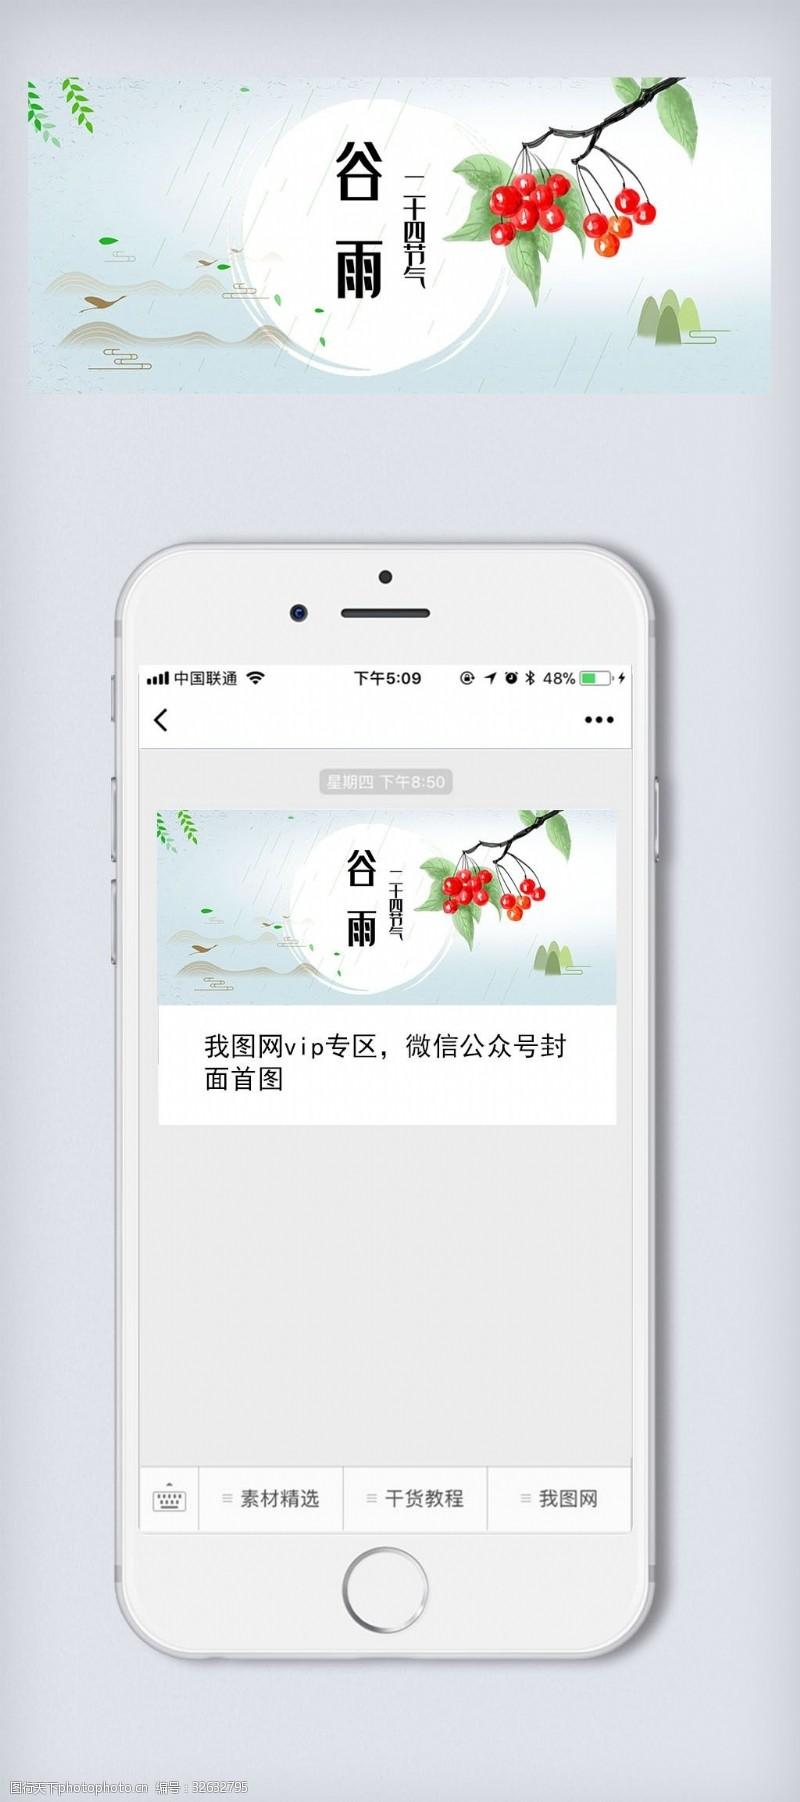 二十四节气谷雨手机微信配图